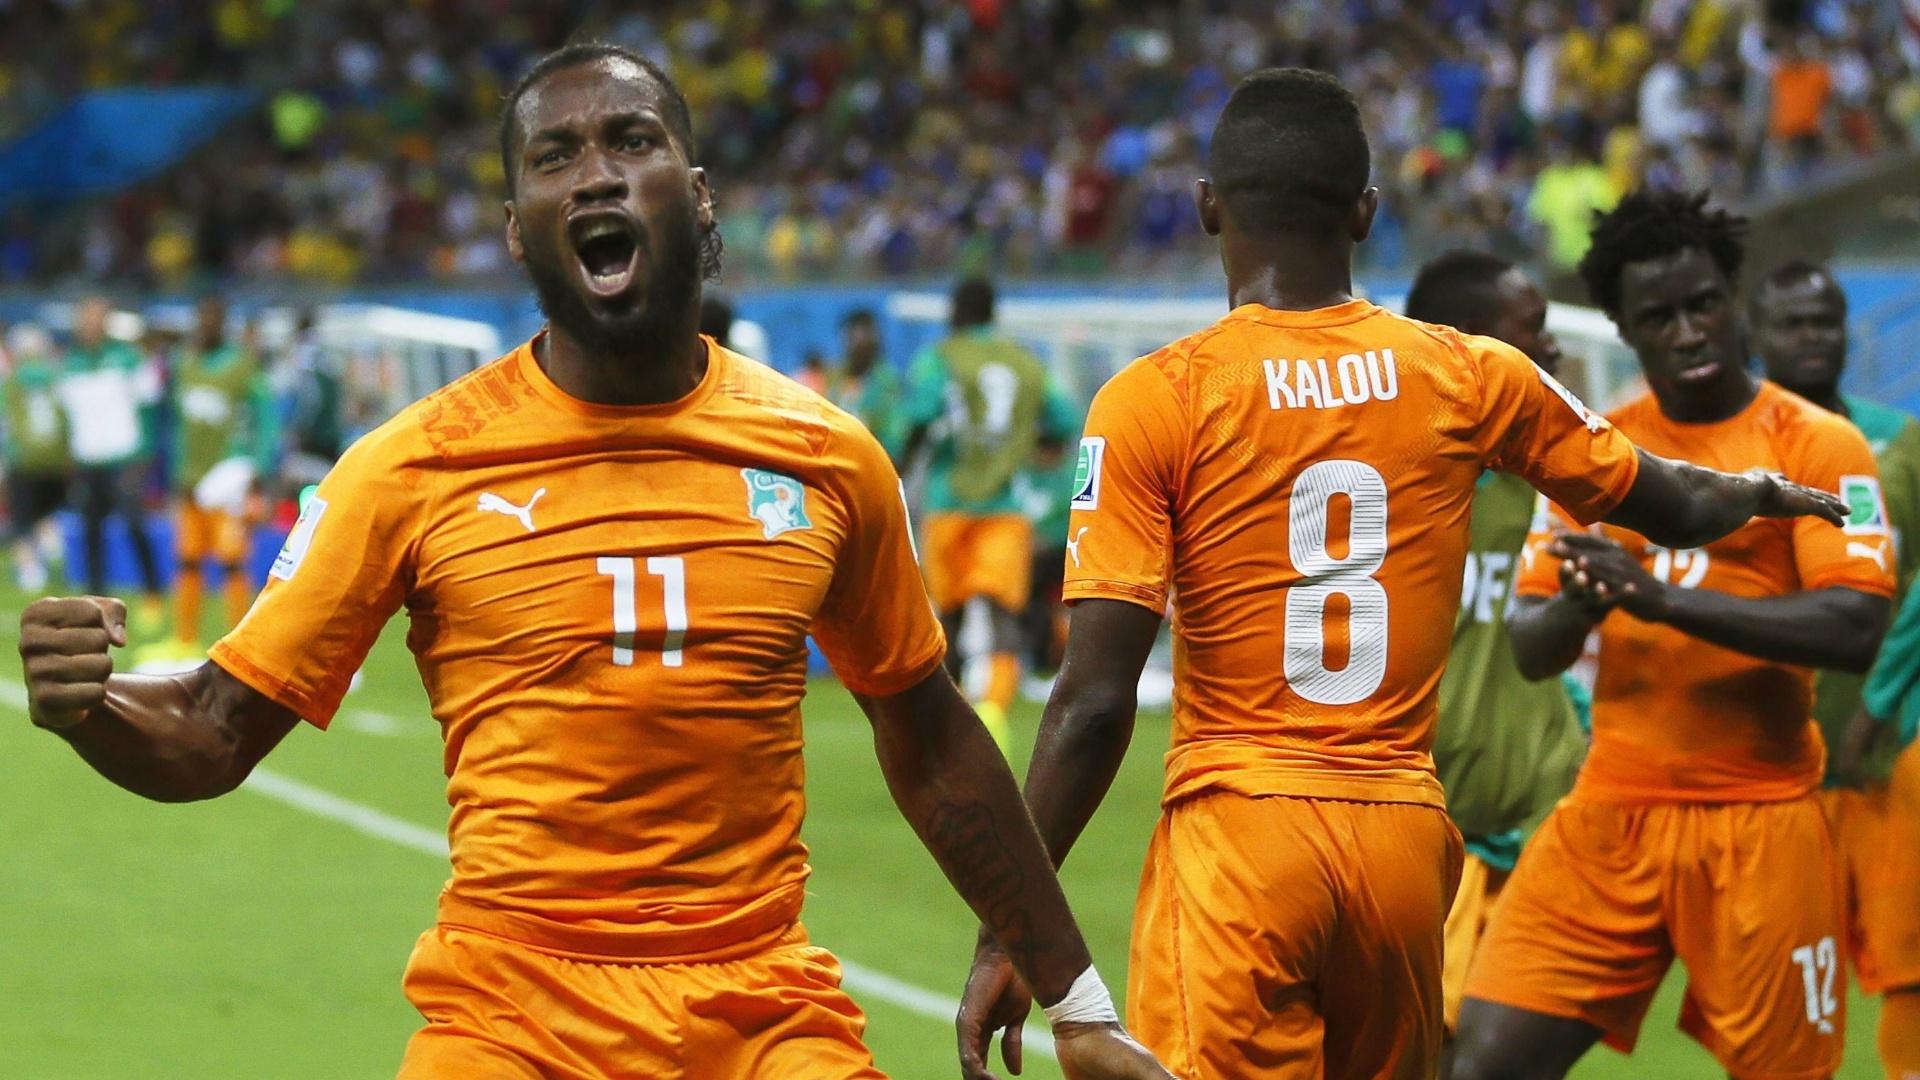 Drogba vibra ao ajudar a garantir a vitória da Costa do Marfim sobre o Japão por 2 a 1